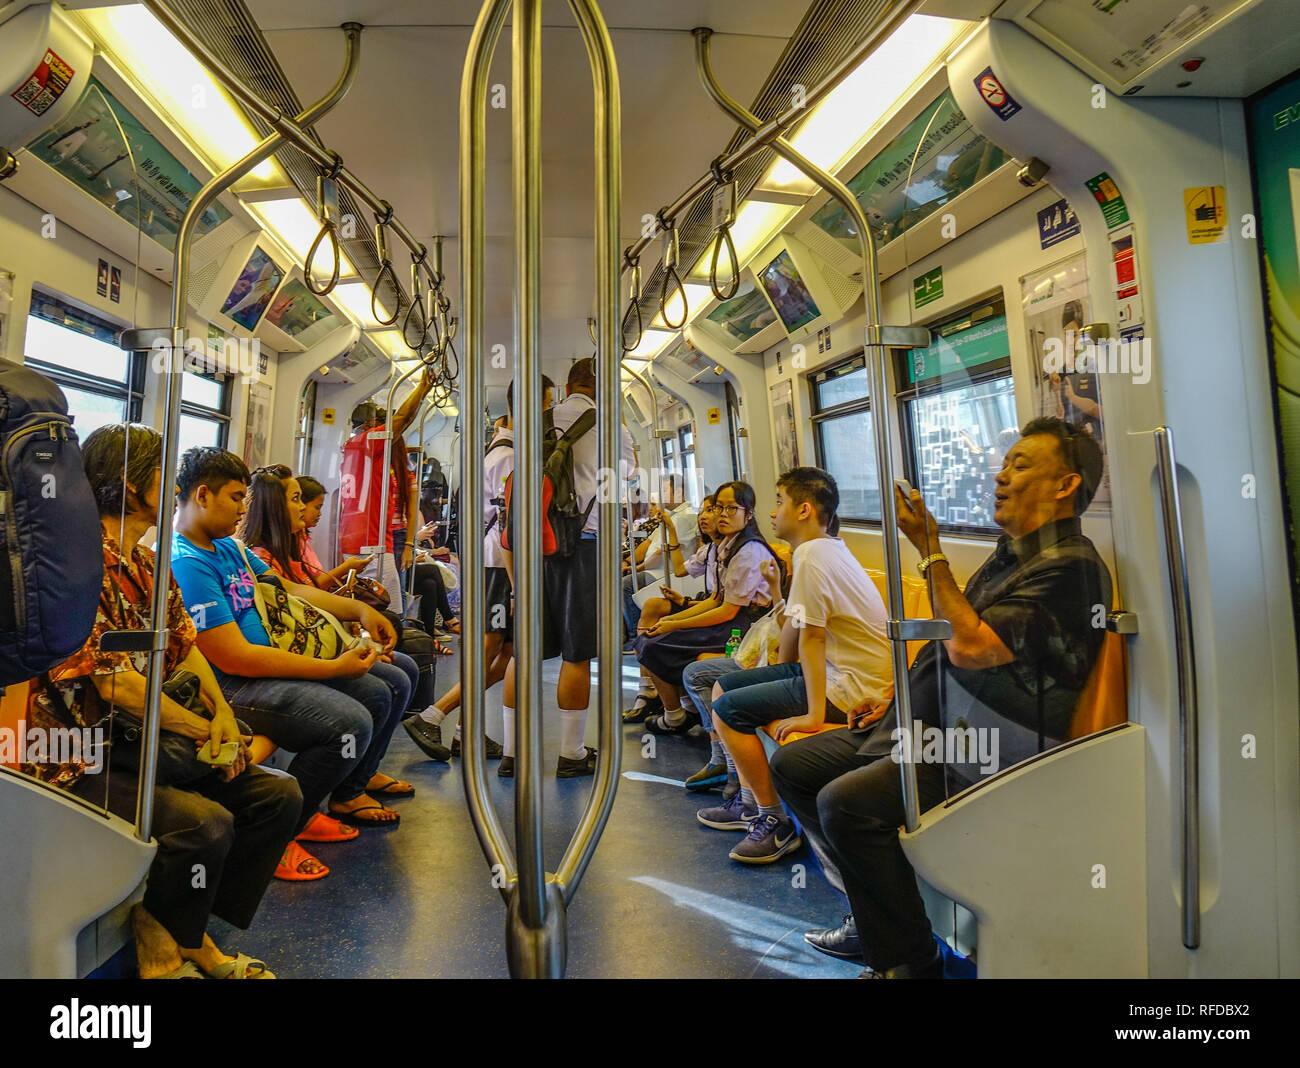 Bangkok, Thailandia - Dic 25, 2018. Gente seduta sul treno BTS a Bangkok, in Thailandia. Il traffico è stato la principale fonte di inquinamento atmosferico in Bangkok. Immagini Stock